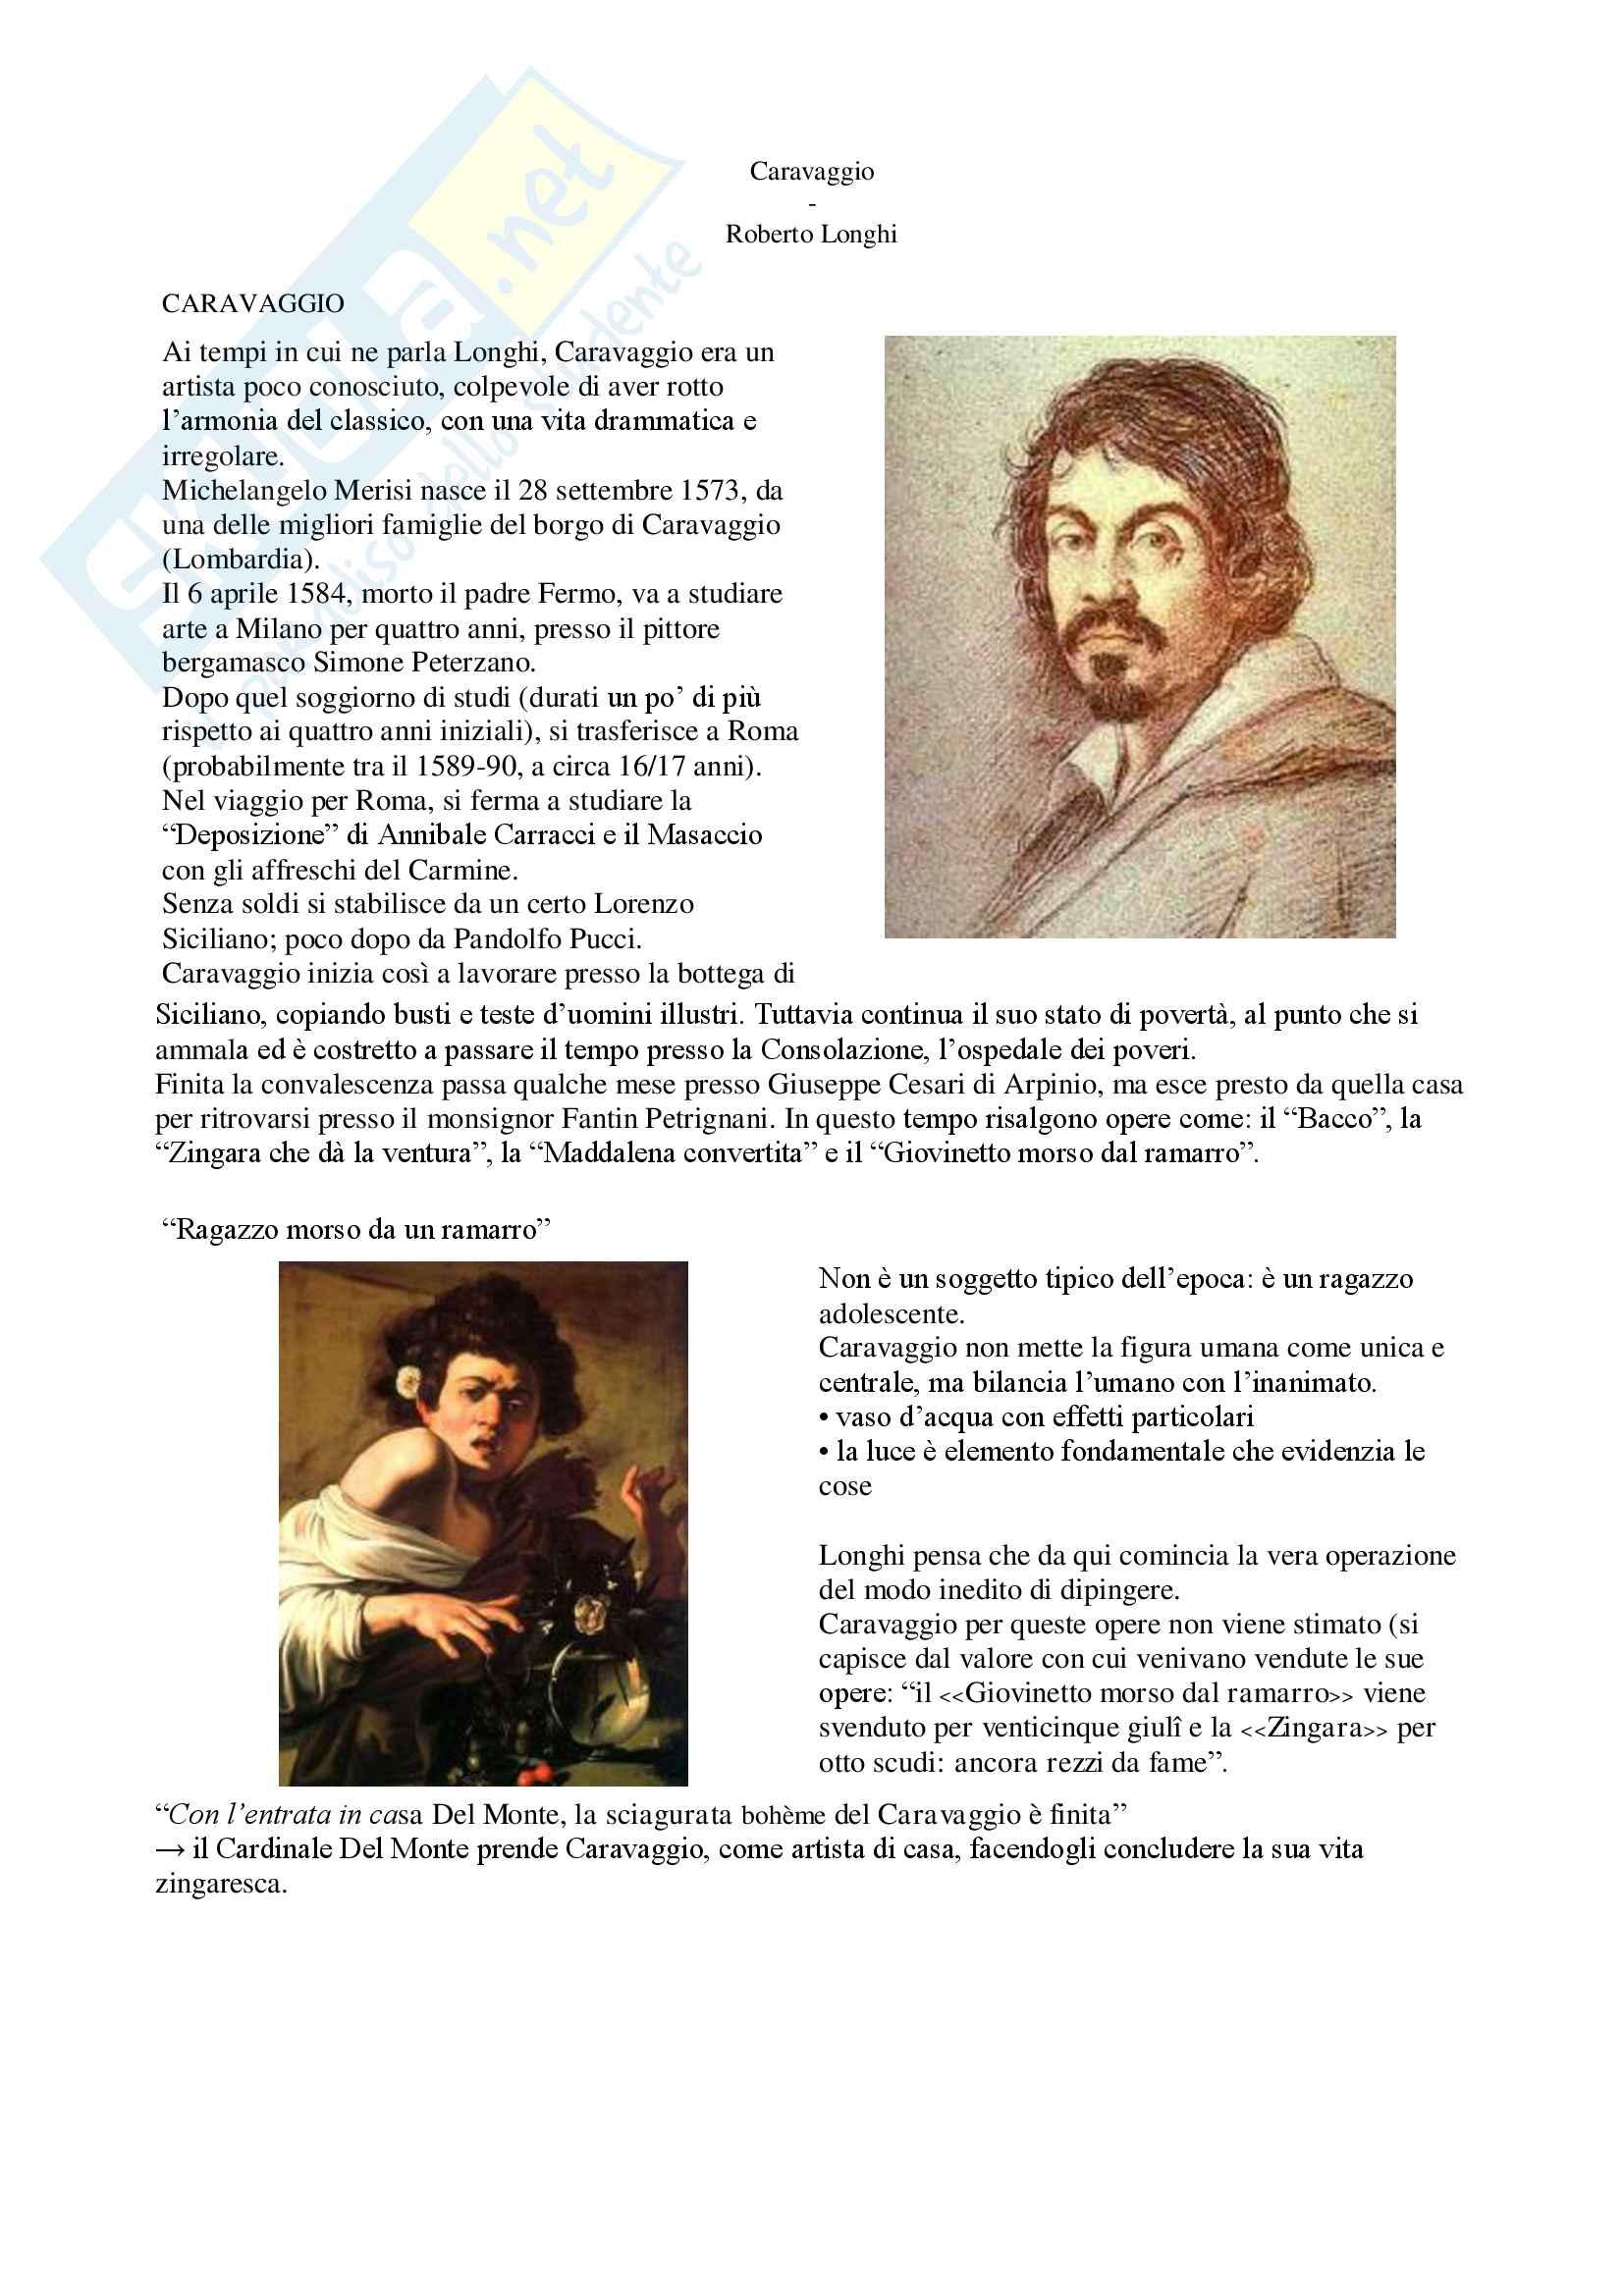 """Riassunto esame letteratura italiana contemporanea, prof. Bazzocchi, libro consigliato """"Caravaggio"""" - Roberto Longhi"""